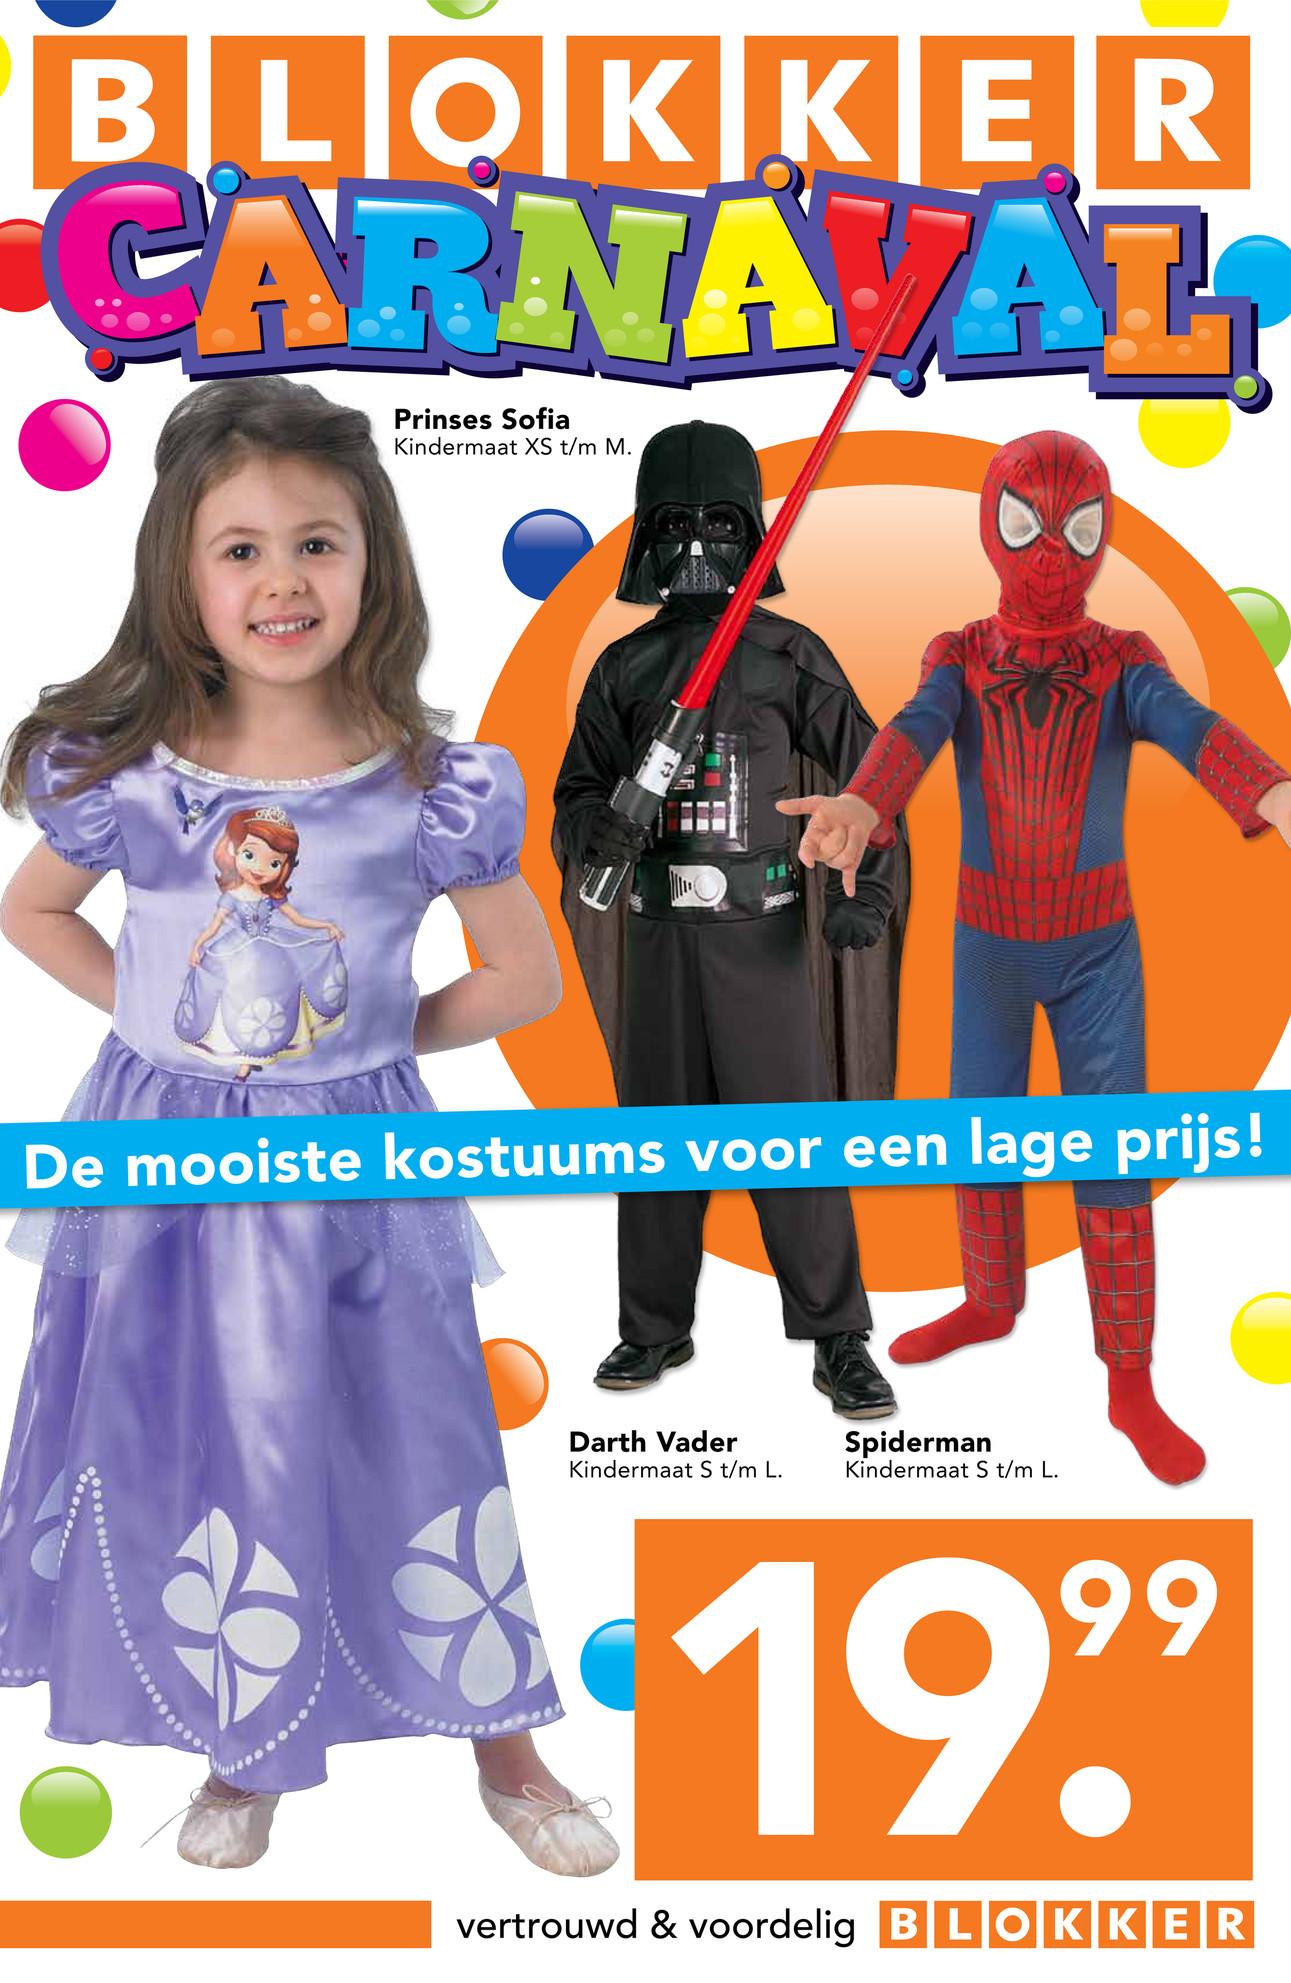 Blokker_BE - Blokker folder Carnaval NL - Pagina 1 Darthvader